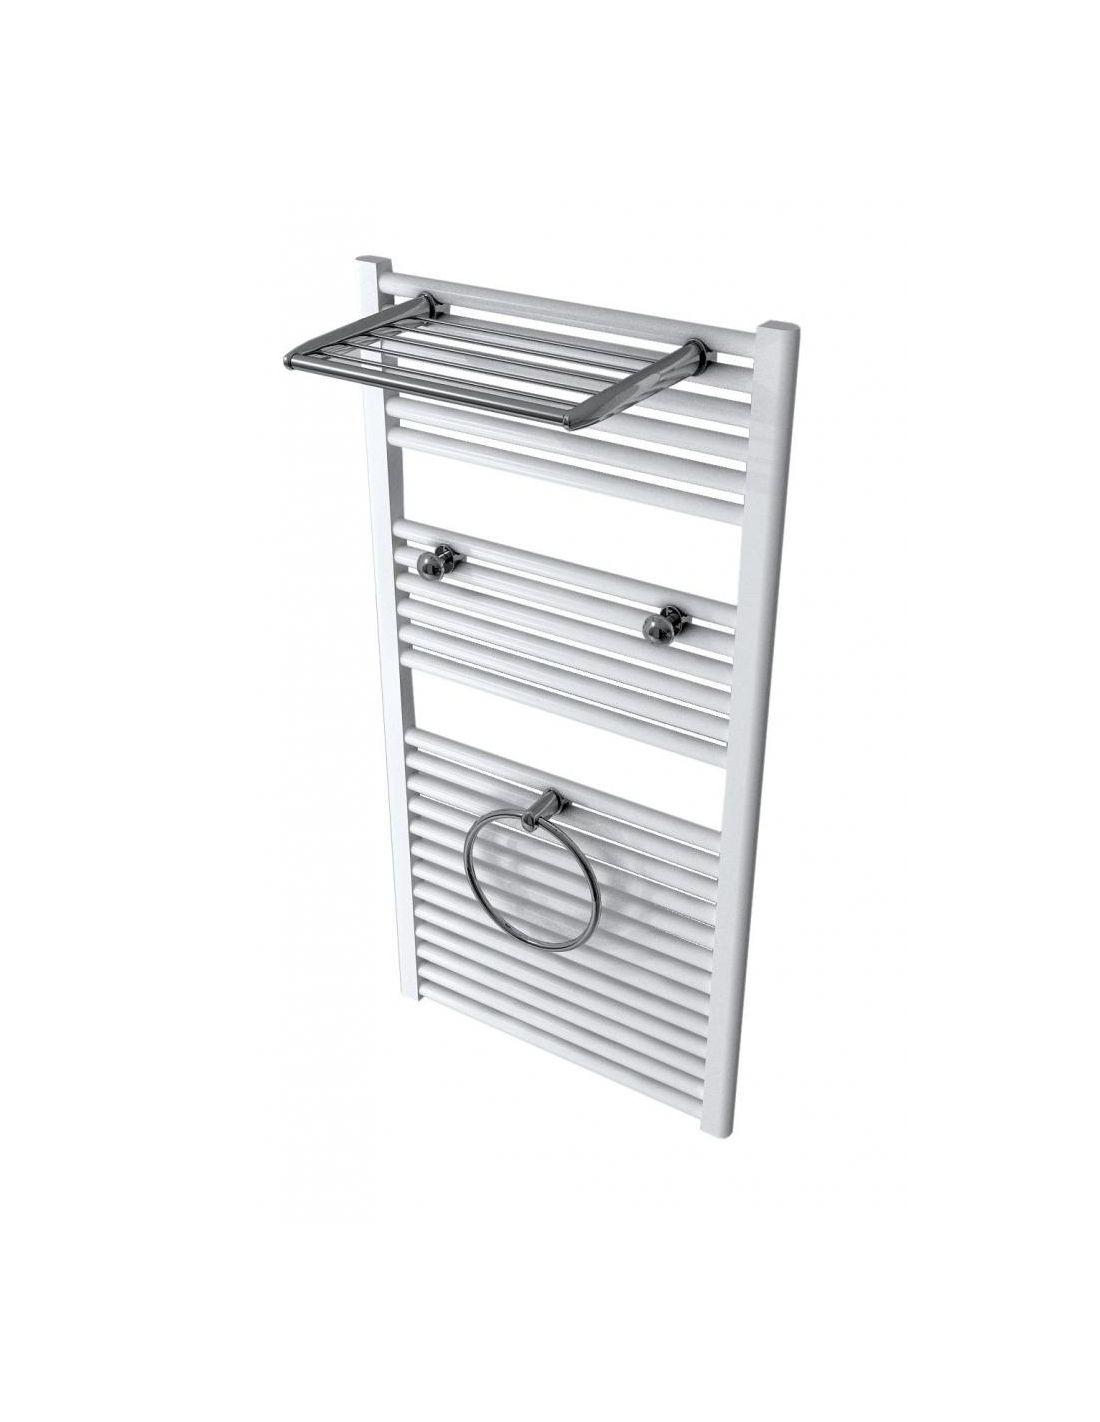 portasciugamano per radiatori scaldasalviette portasciugamano per radiatori scaldasalviette